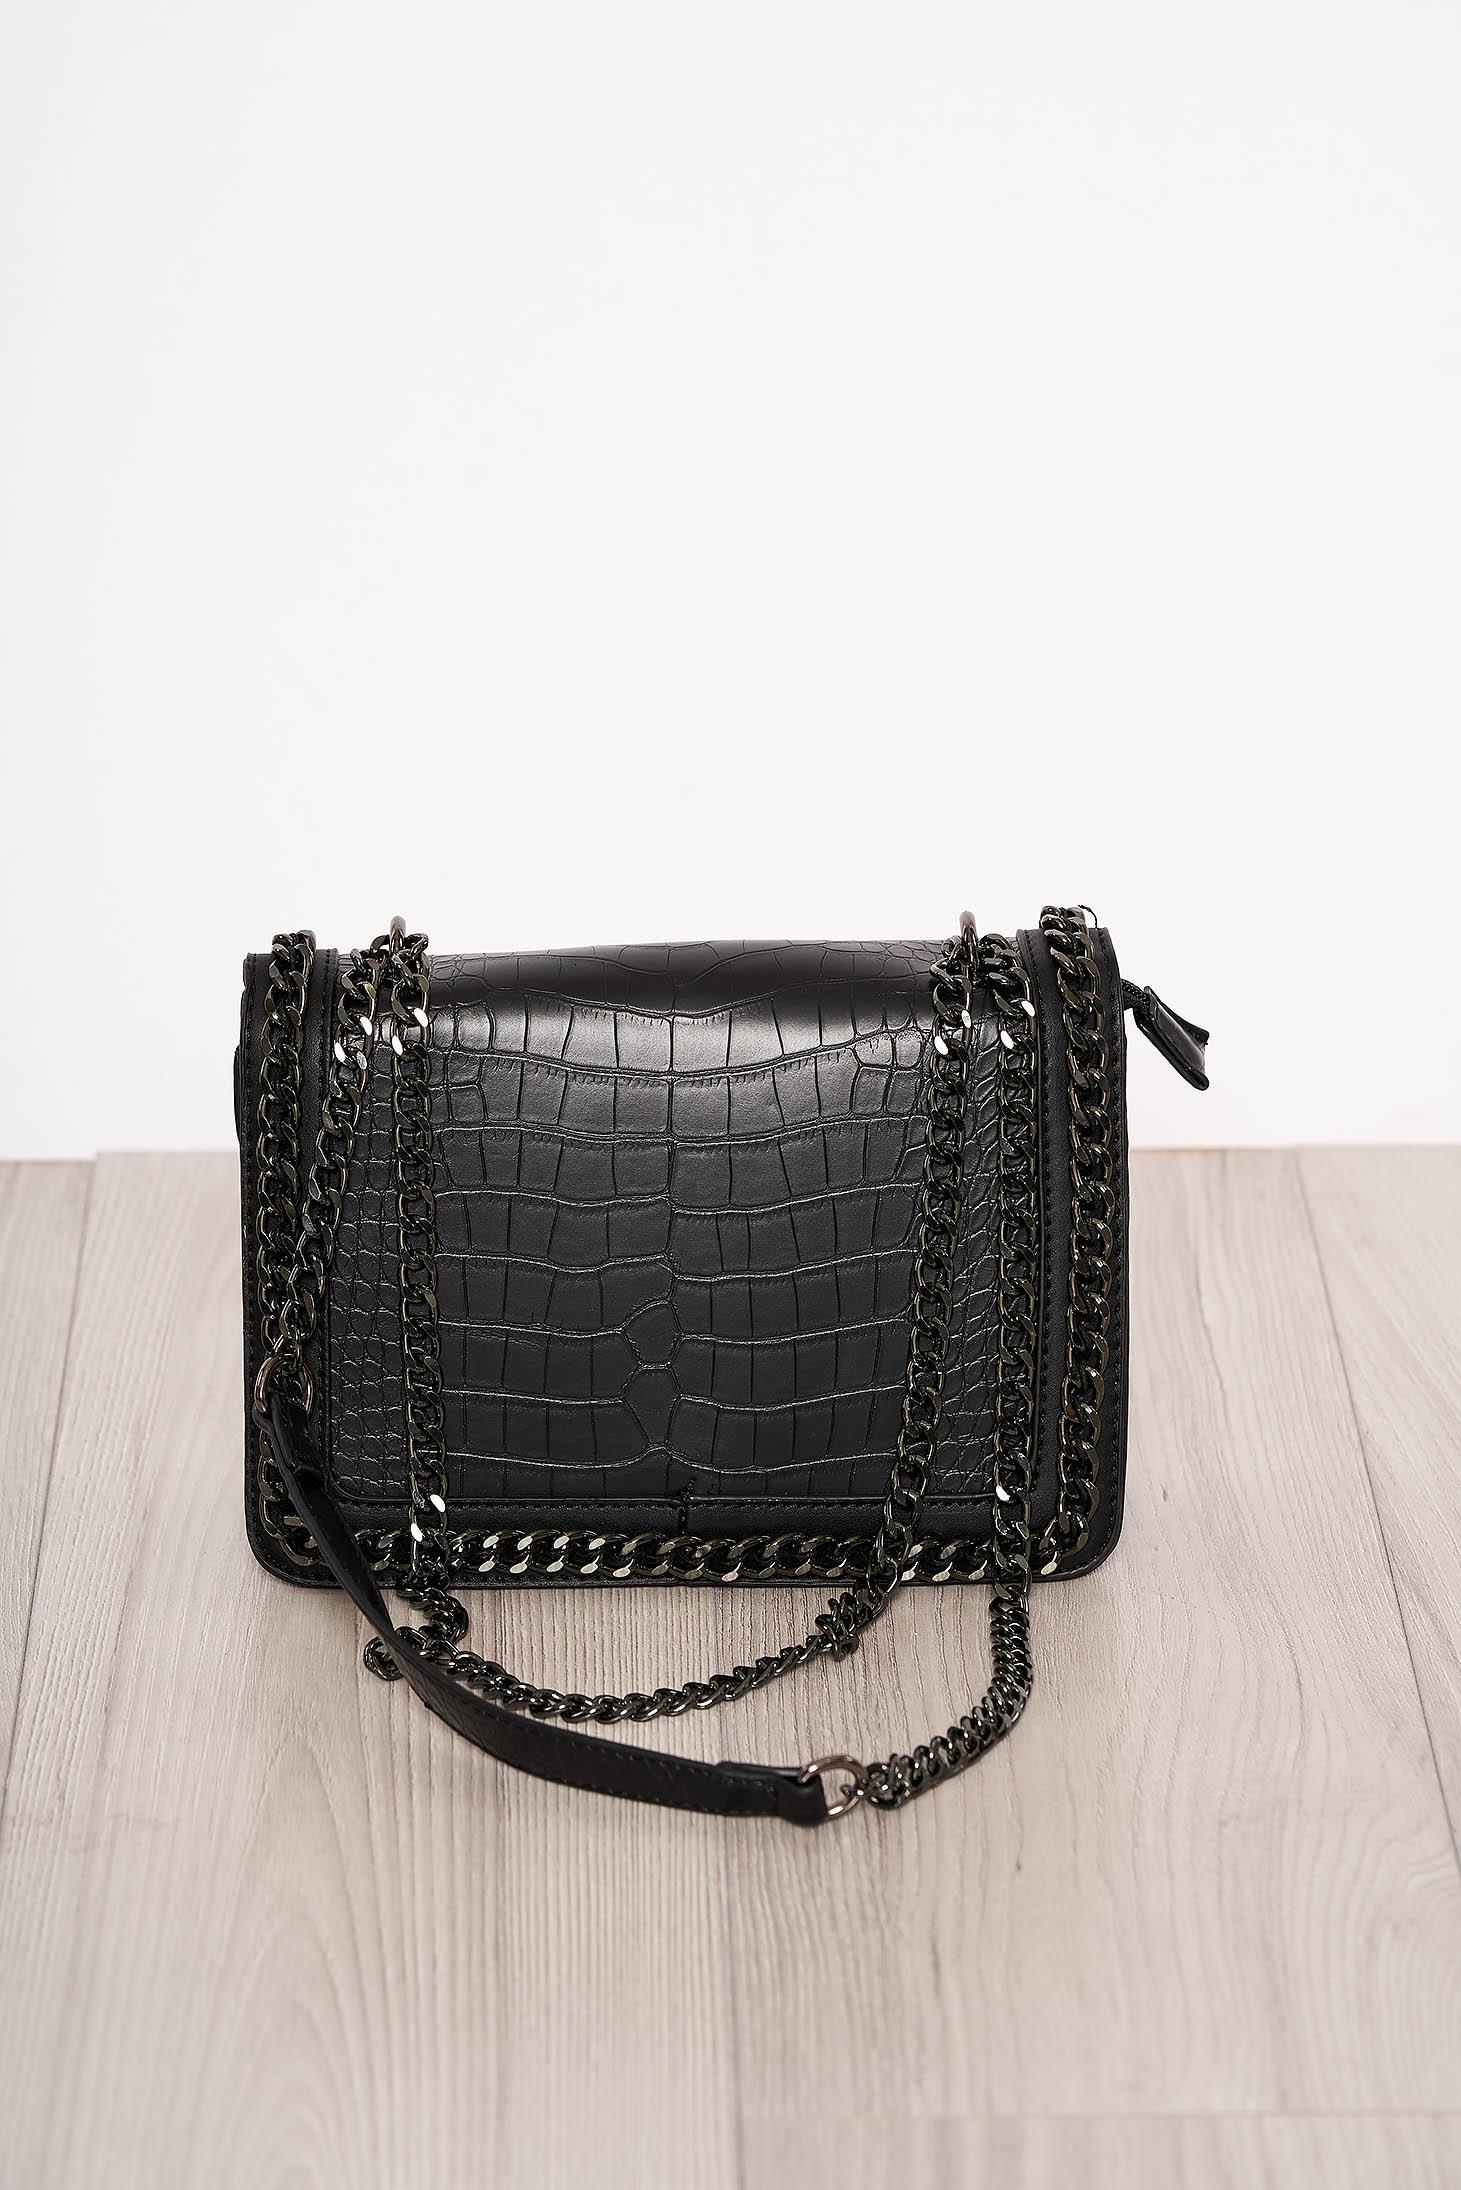 Geanta dama neagra snake print eleganta din piele ecologica accesorizata cu fermoare